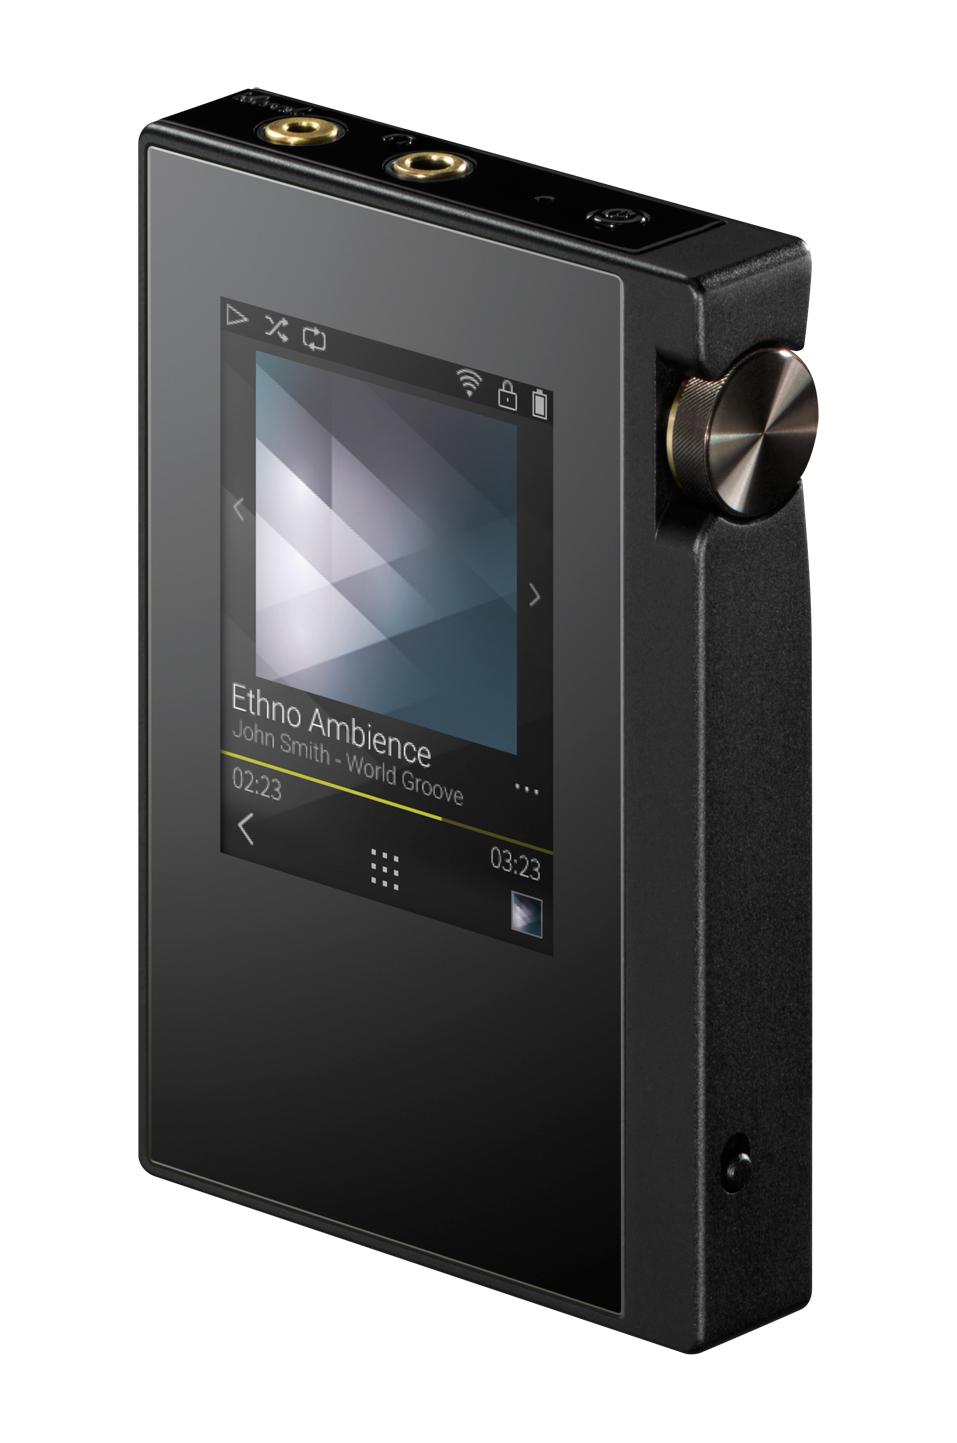 Pioneer XDP-30R & Onkyo DP-S1: Firmware Tweaks